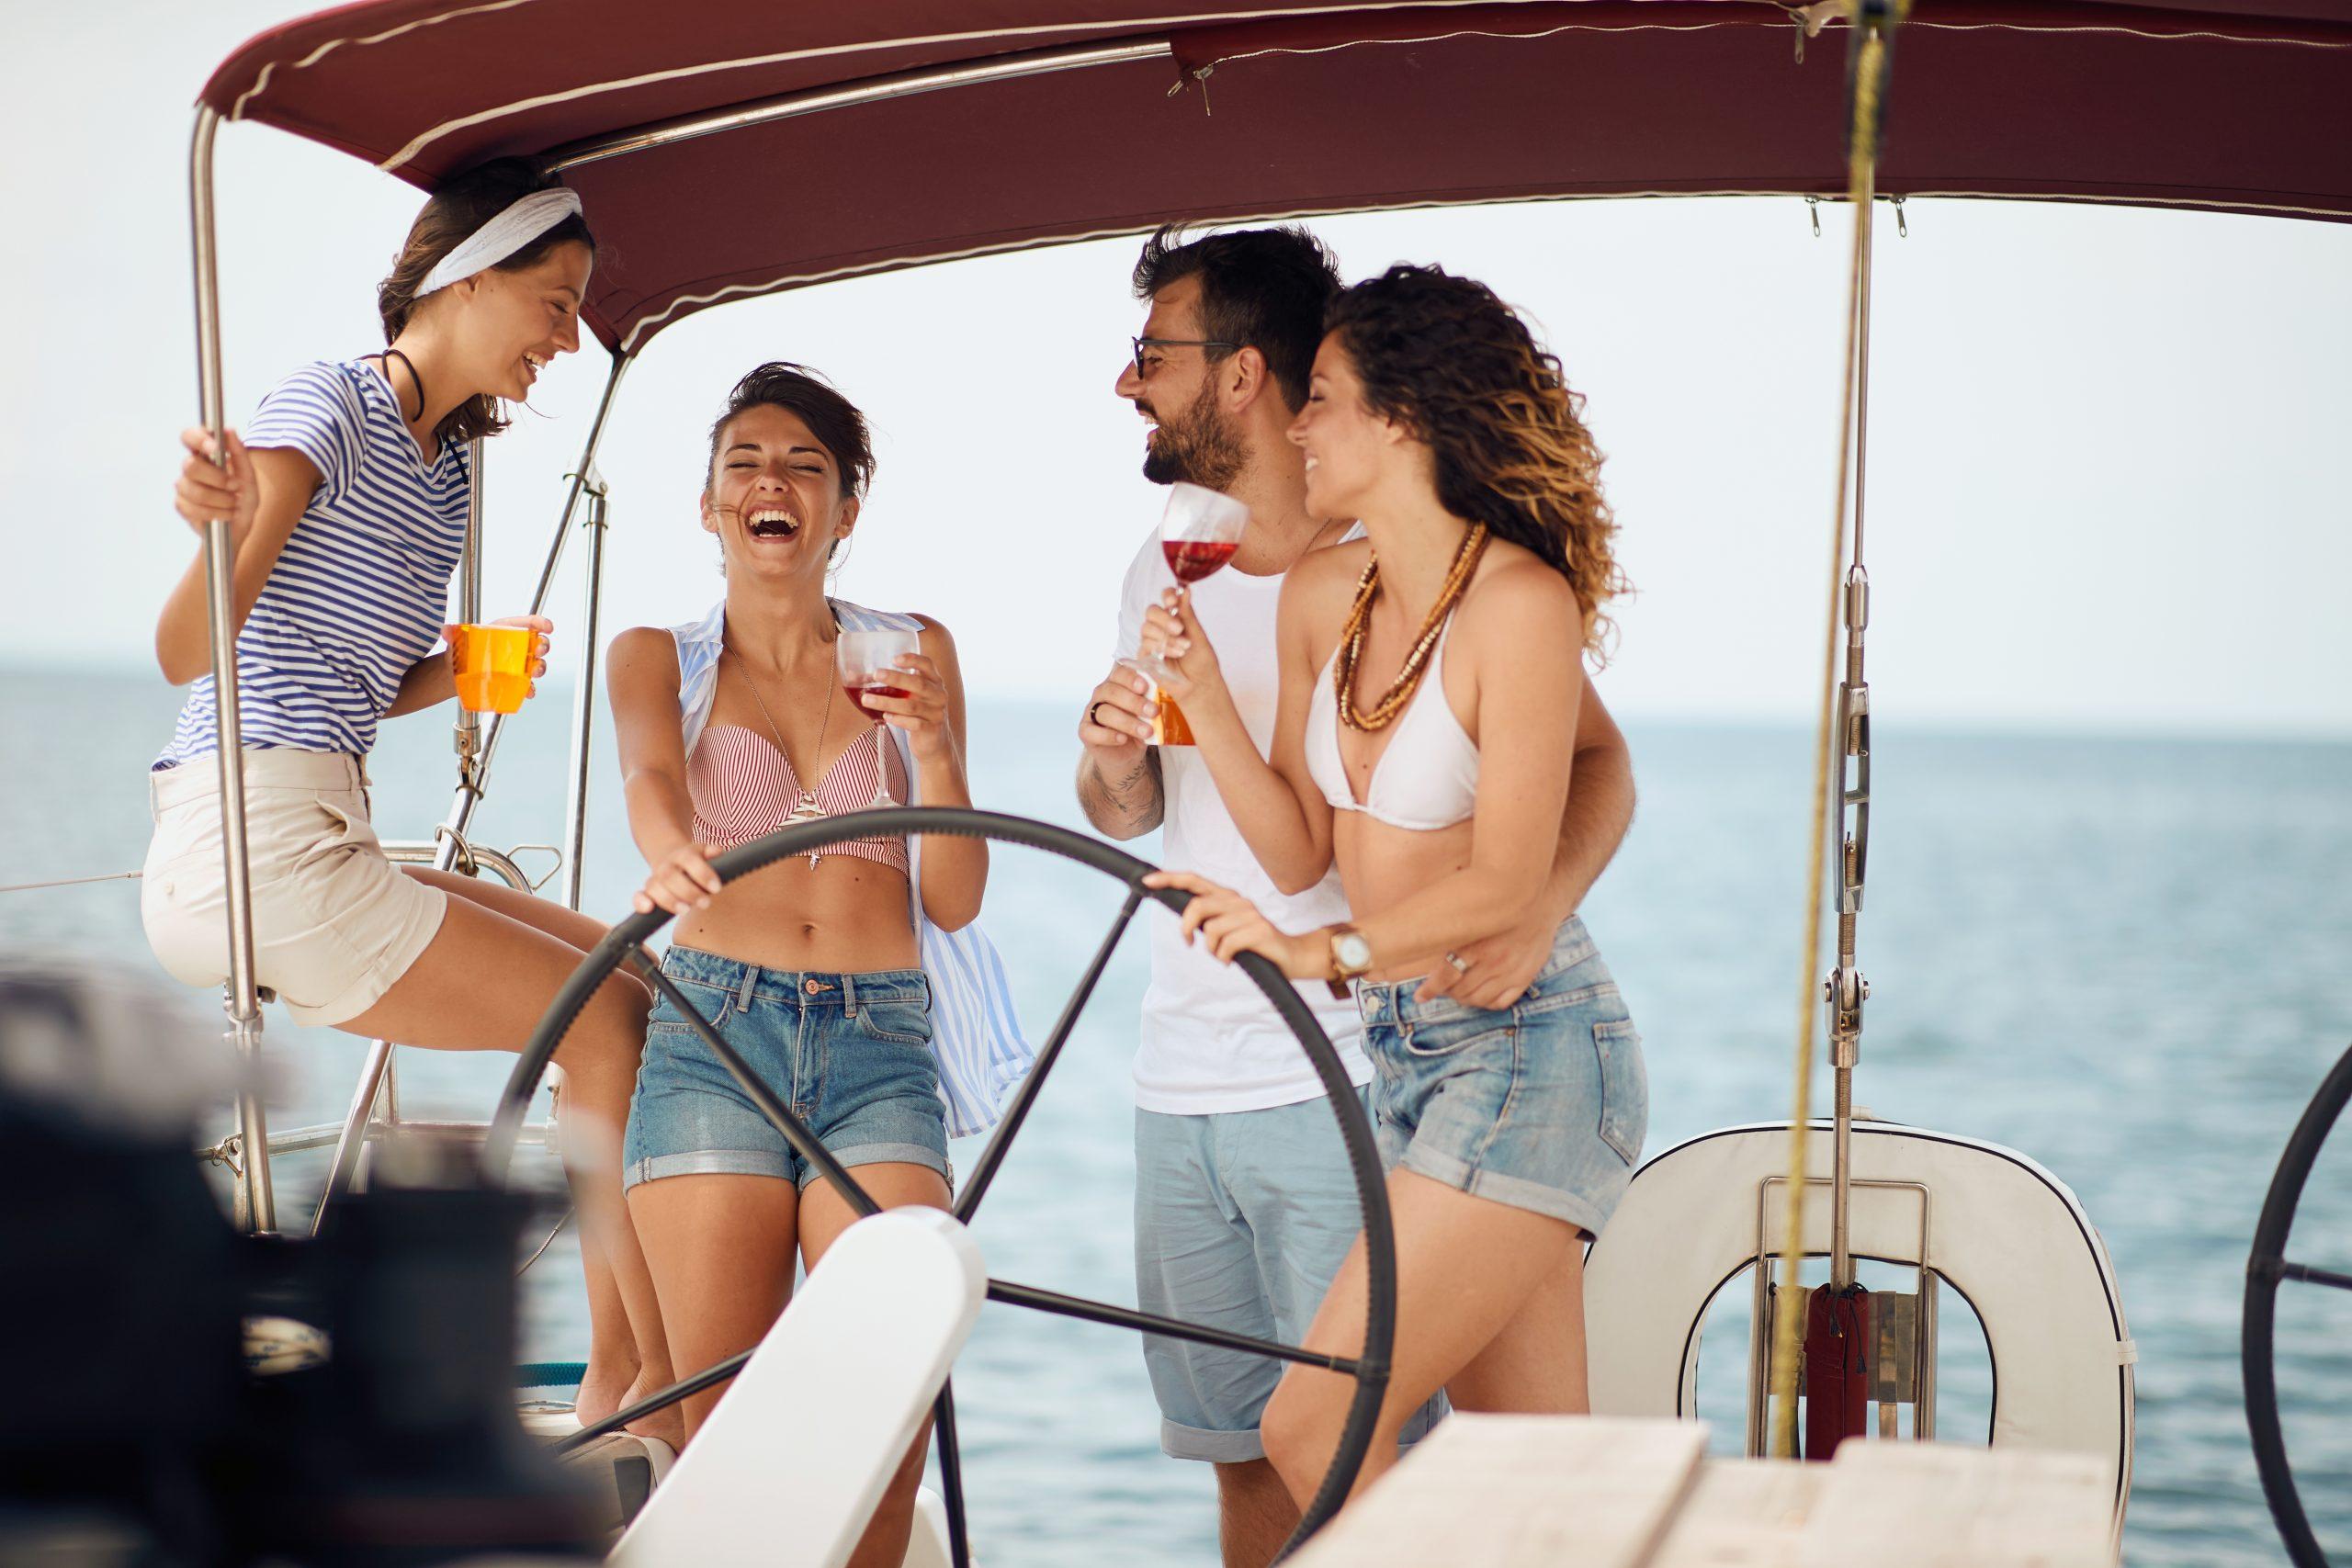 Charter con amigos en Formentera Travesía Denia Formentera para singles Crucero por Formentera para singles